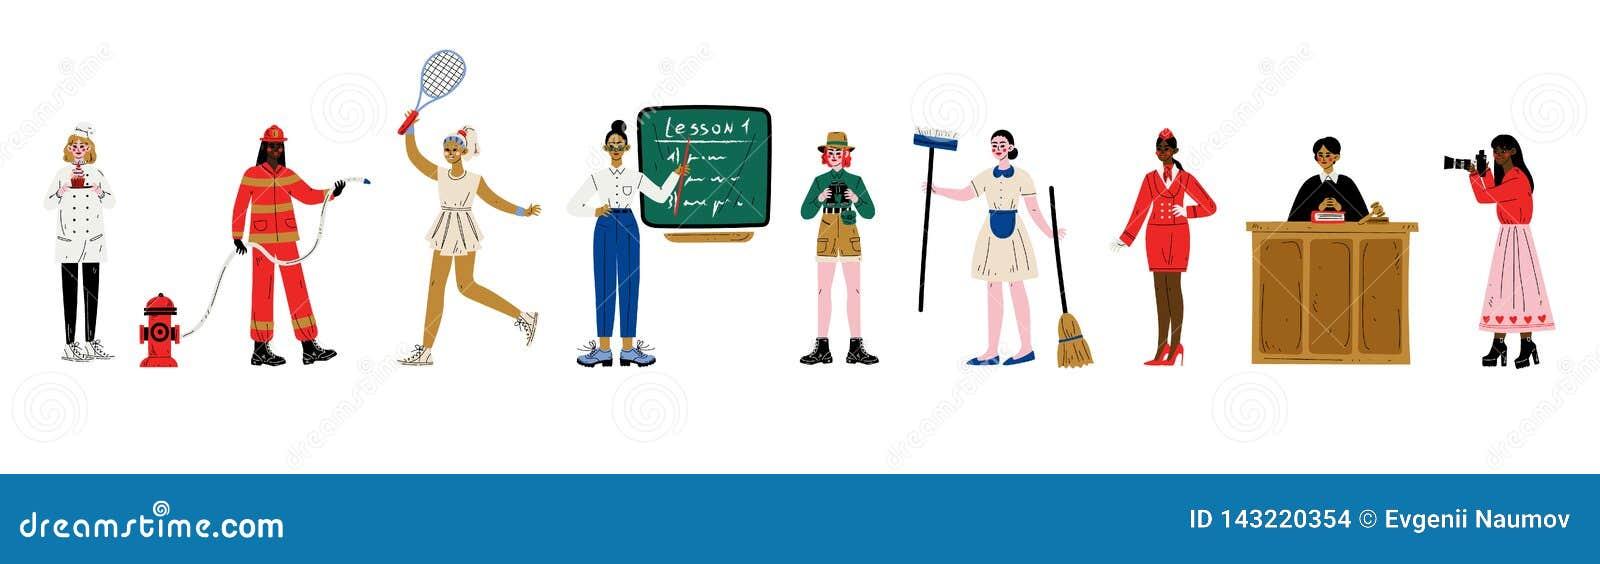 Kobiety Różnorodni zawody Ustawiający, cukierniczka, palacz, gracz w tenisa, nauczyciel, naukowiec, gosposia, stewardesa, sędzia